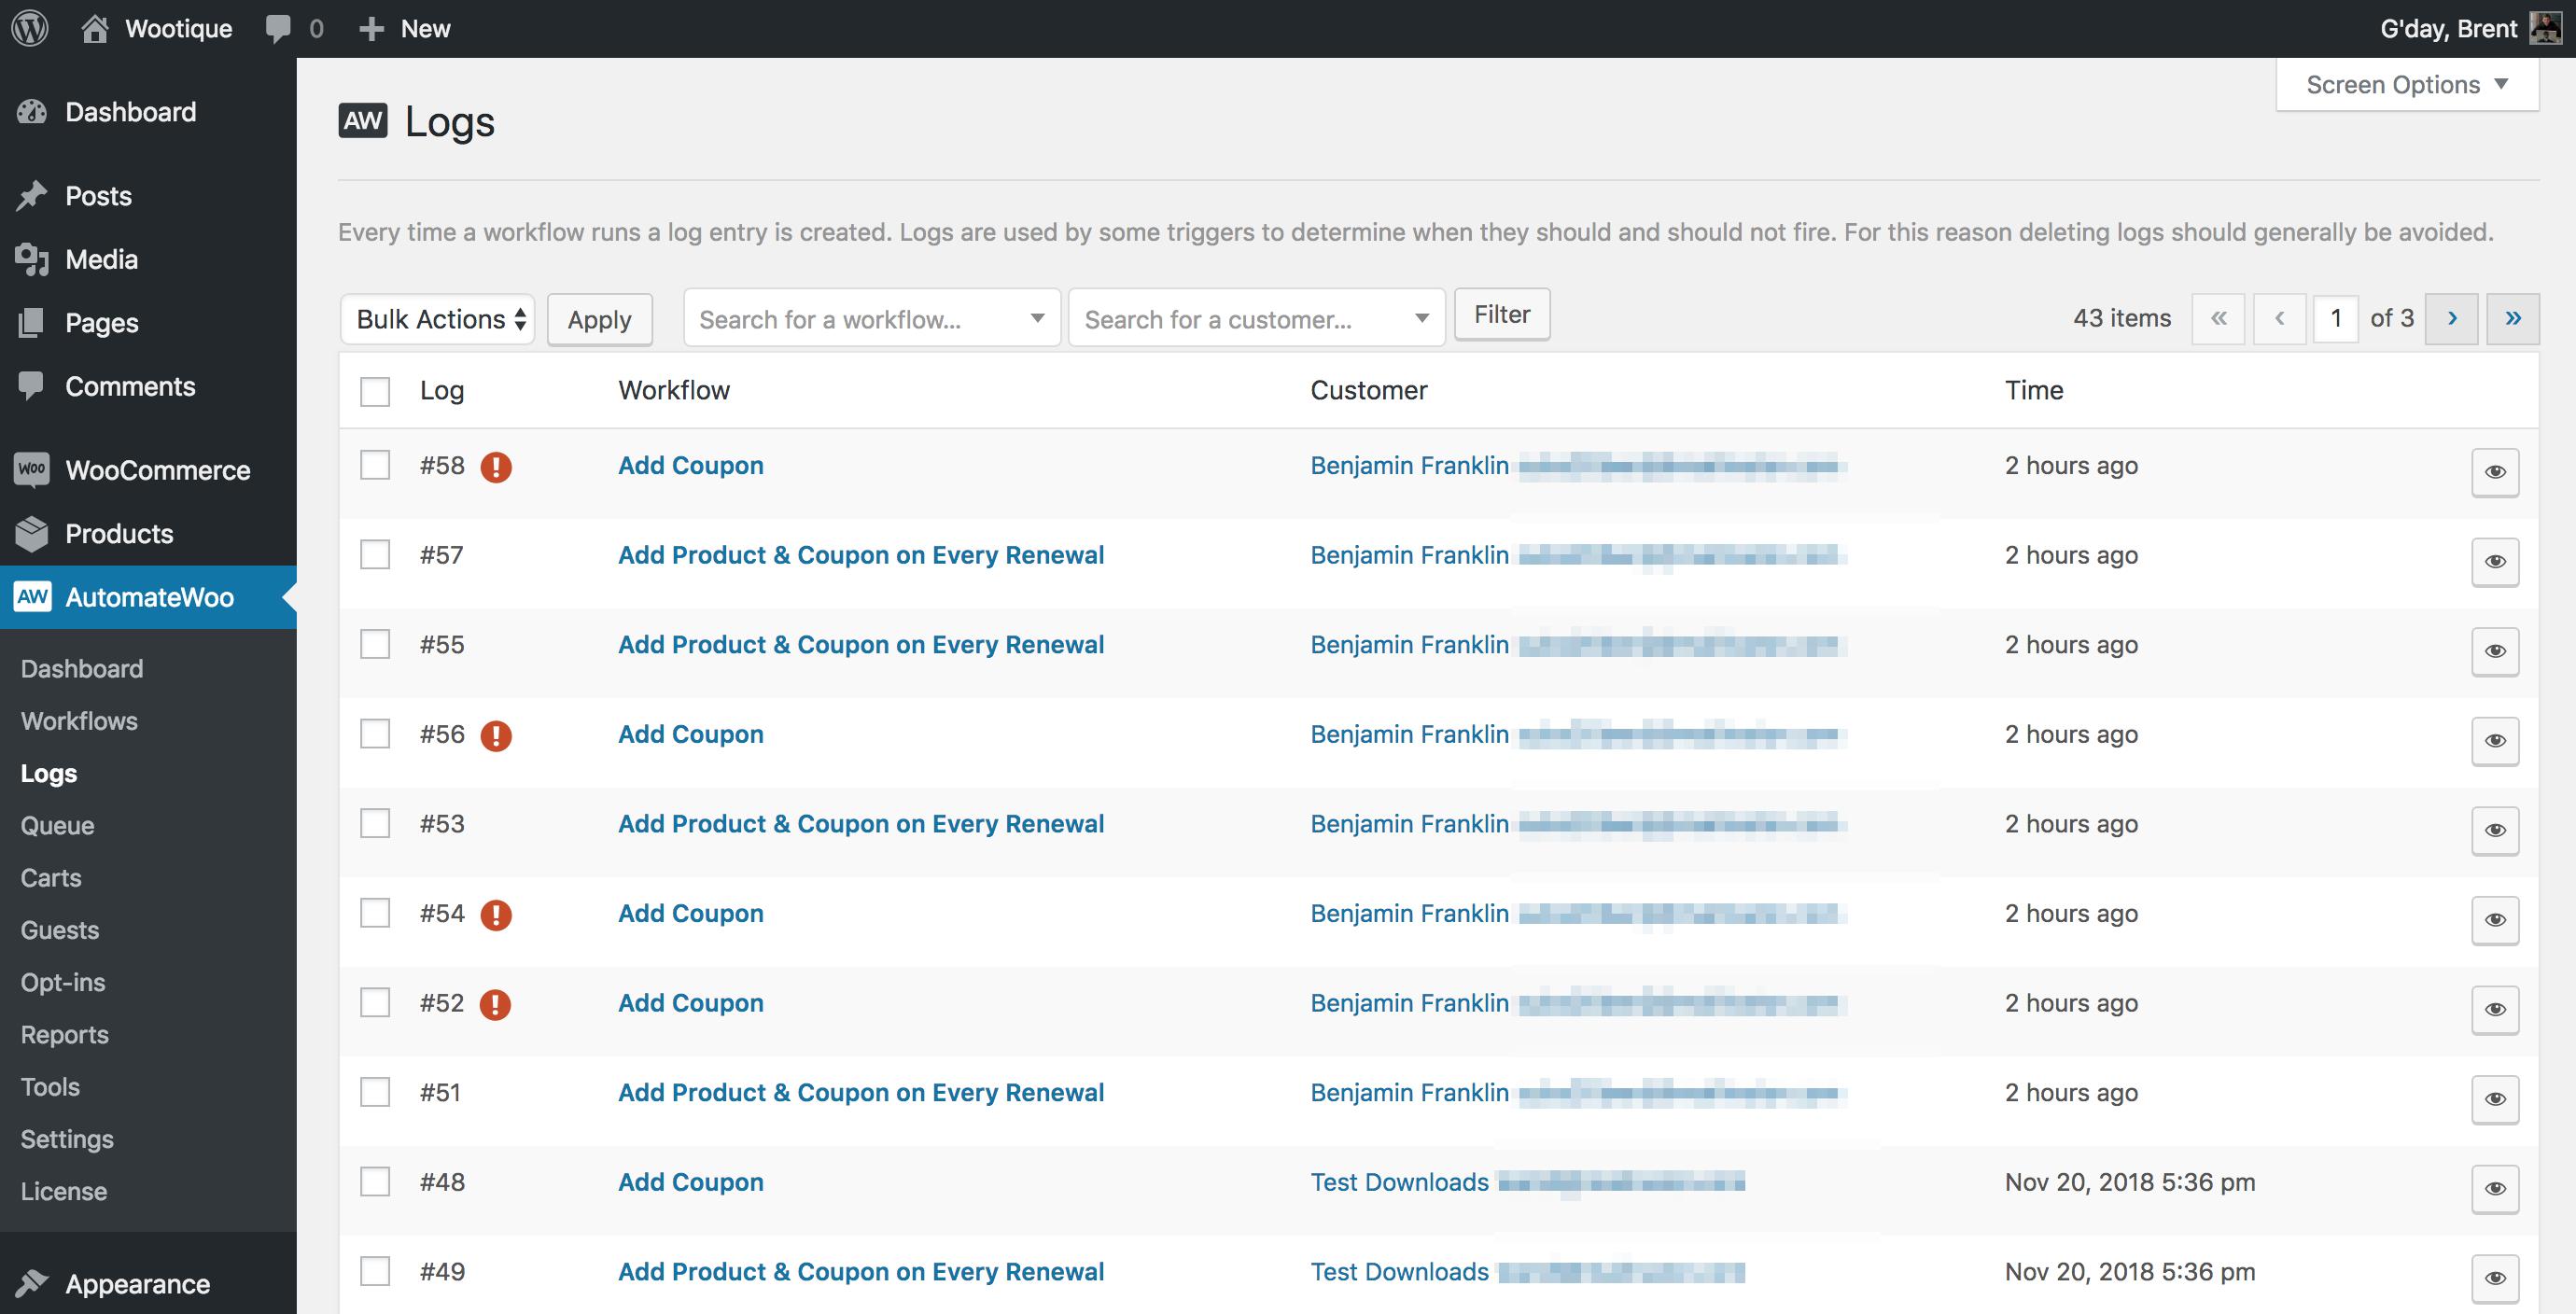 Example Workflow Logs Screenshot